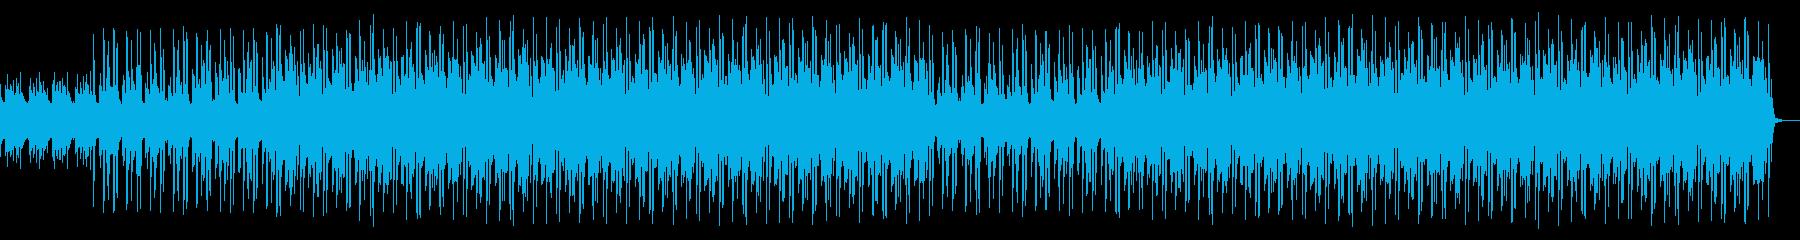 幻想的で神秘的なエンディングヒップホップの再生済みの波形